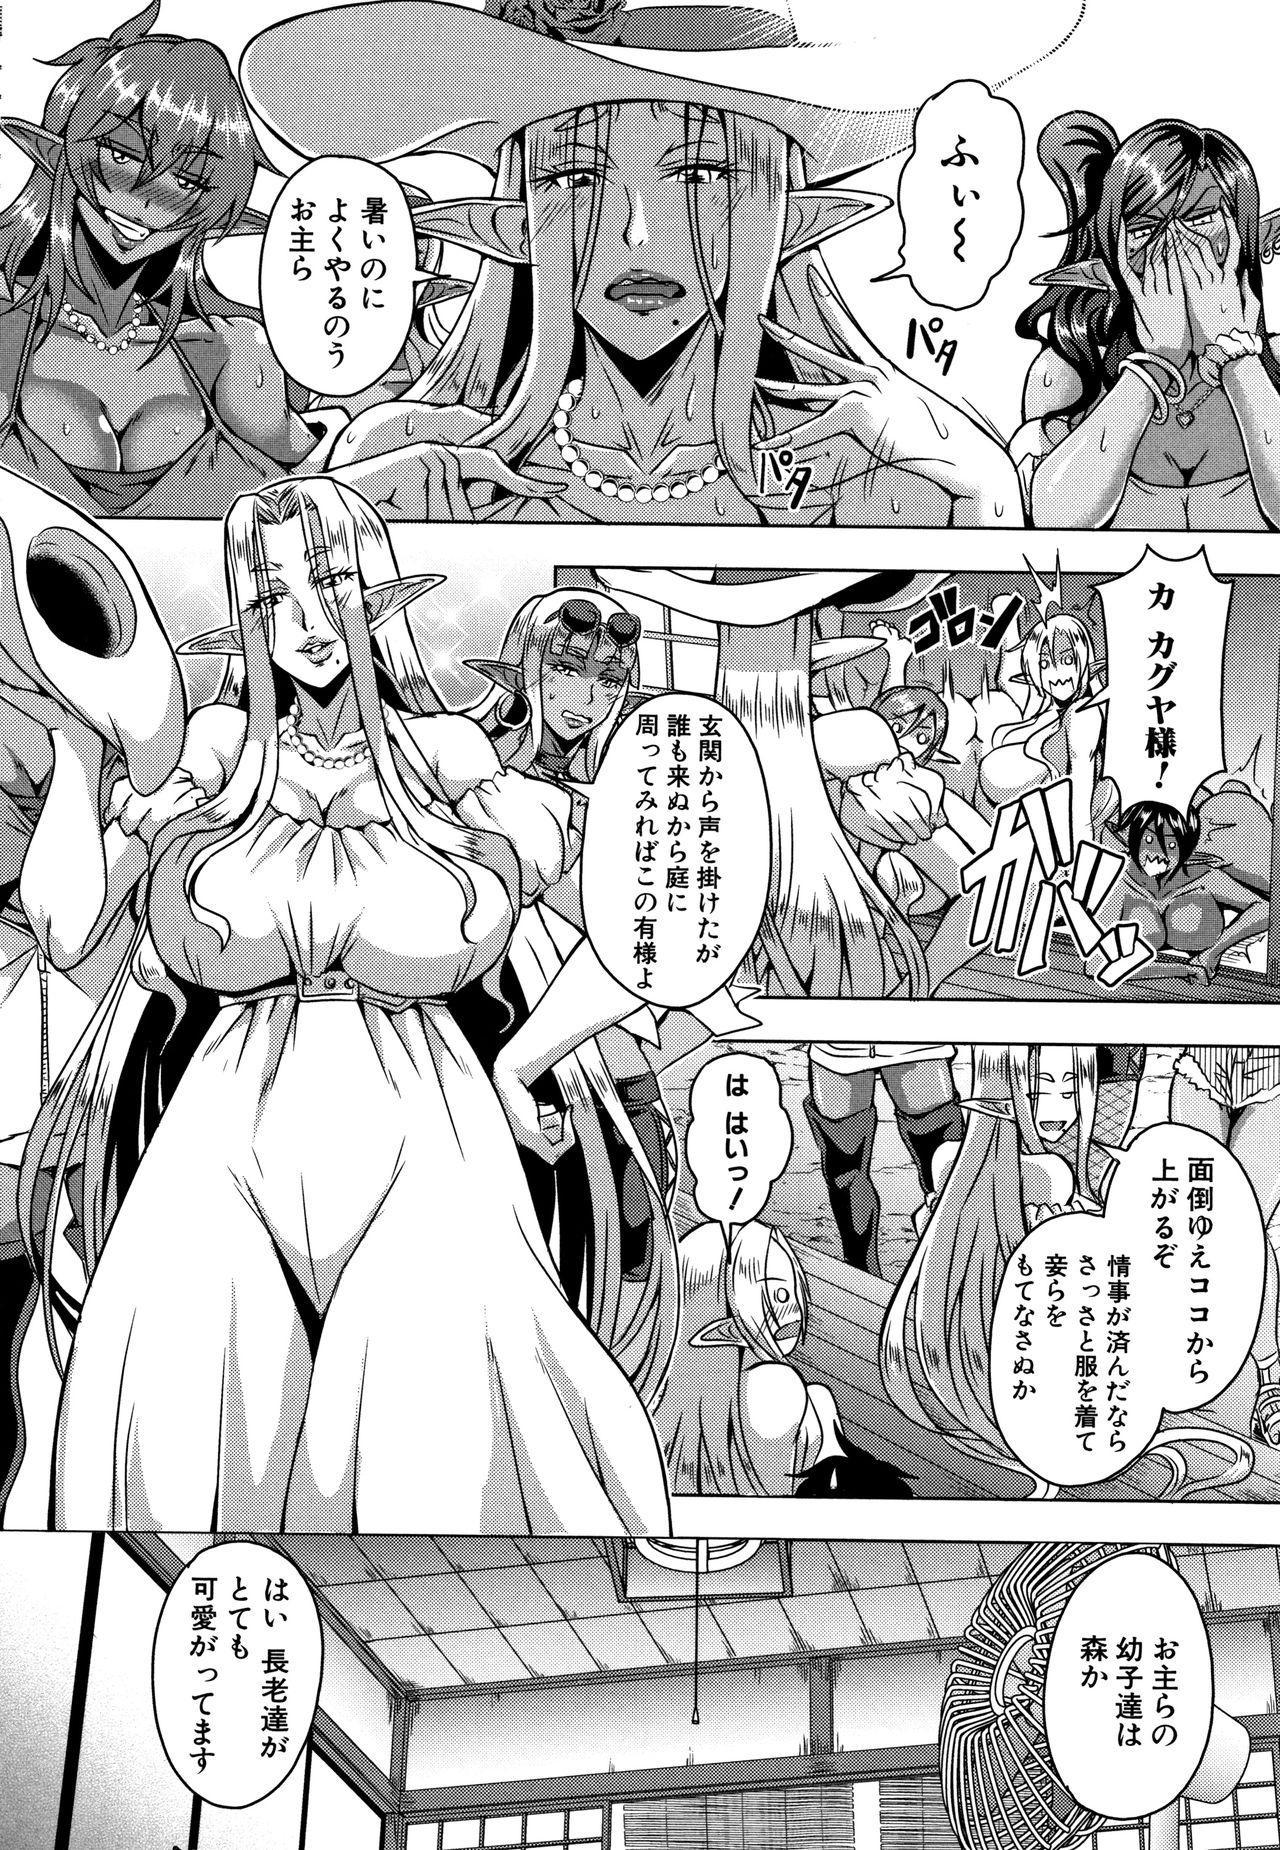 Elf Harem Monogatari - Elf Harem Story 173